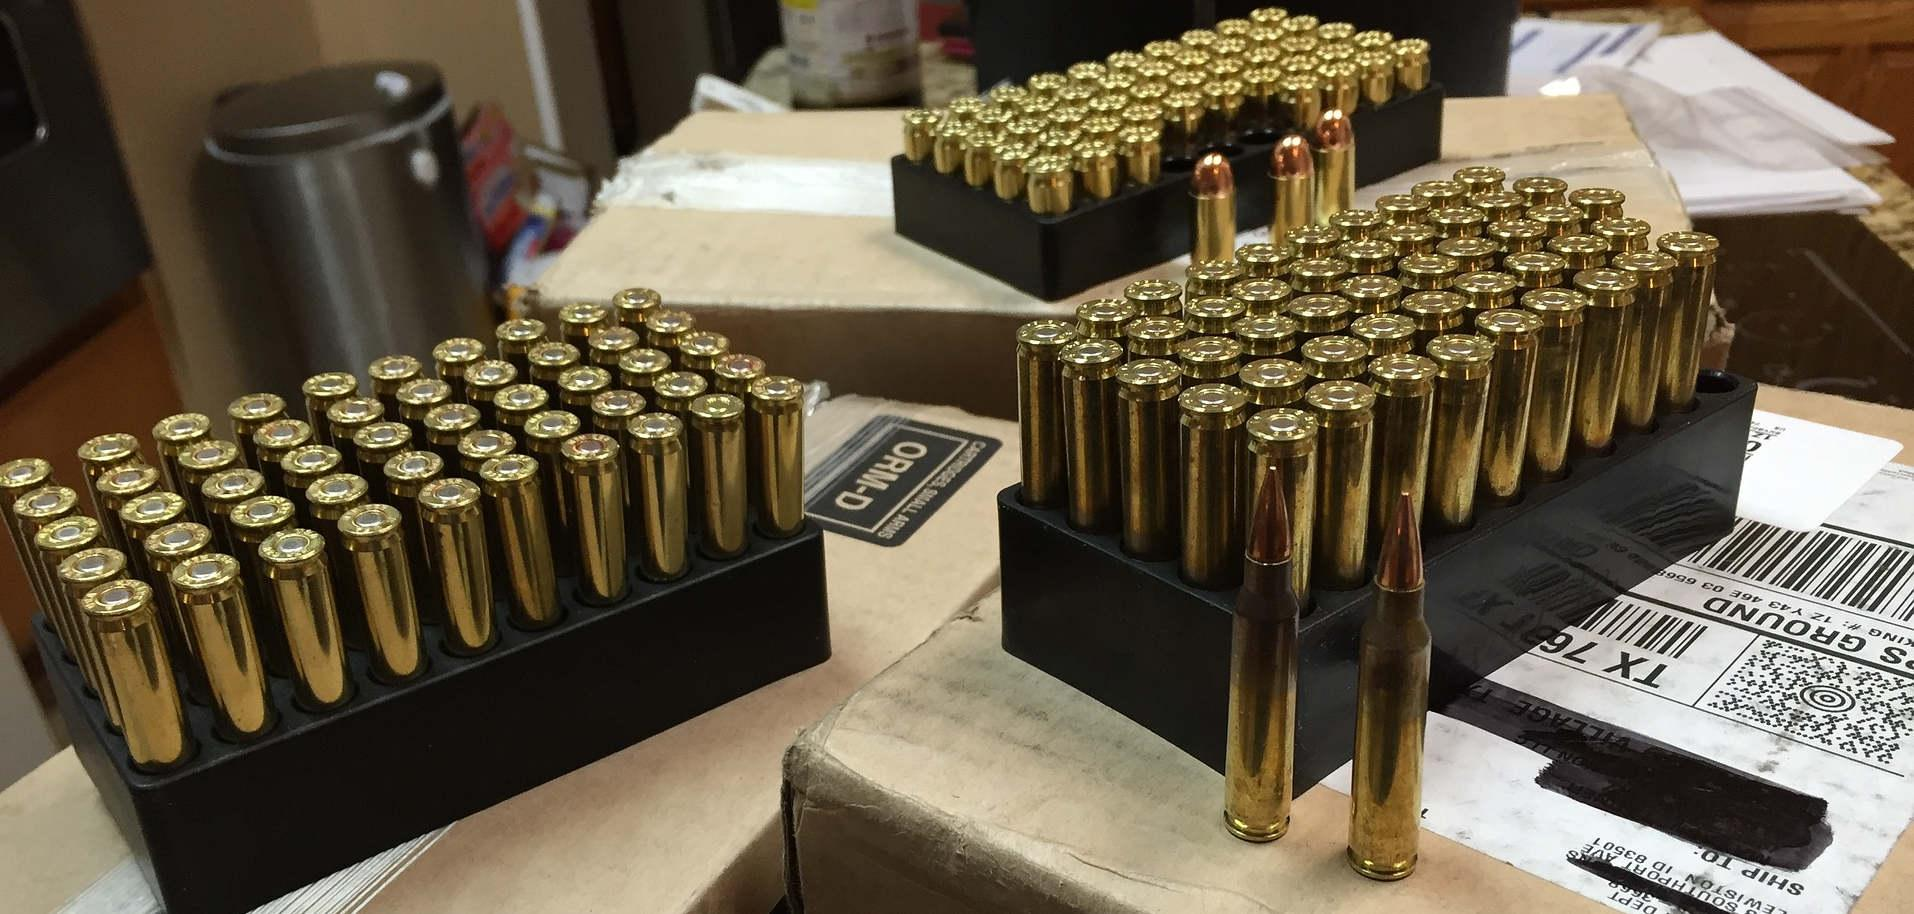 Unerlaubter Waffenbesitz—und die zwischenzeitlich begangene Straftat